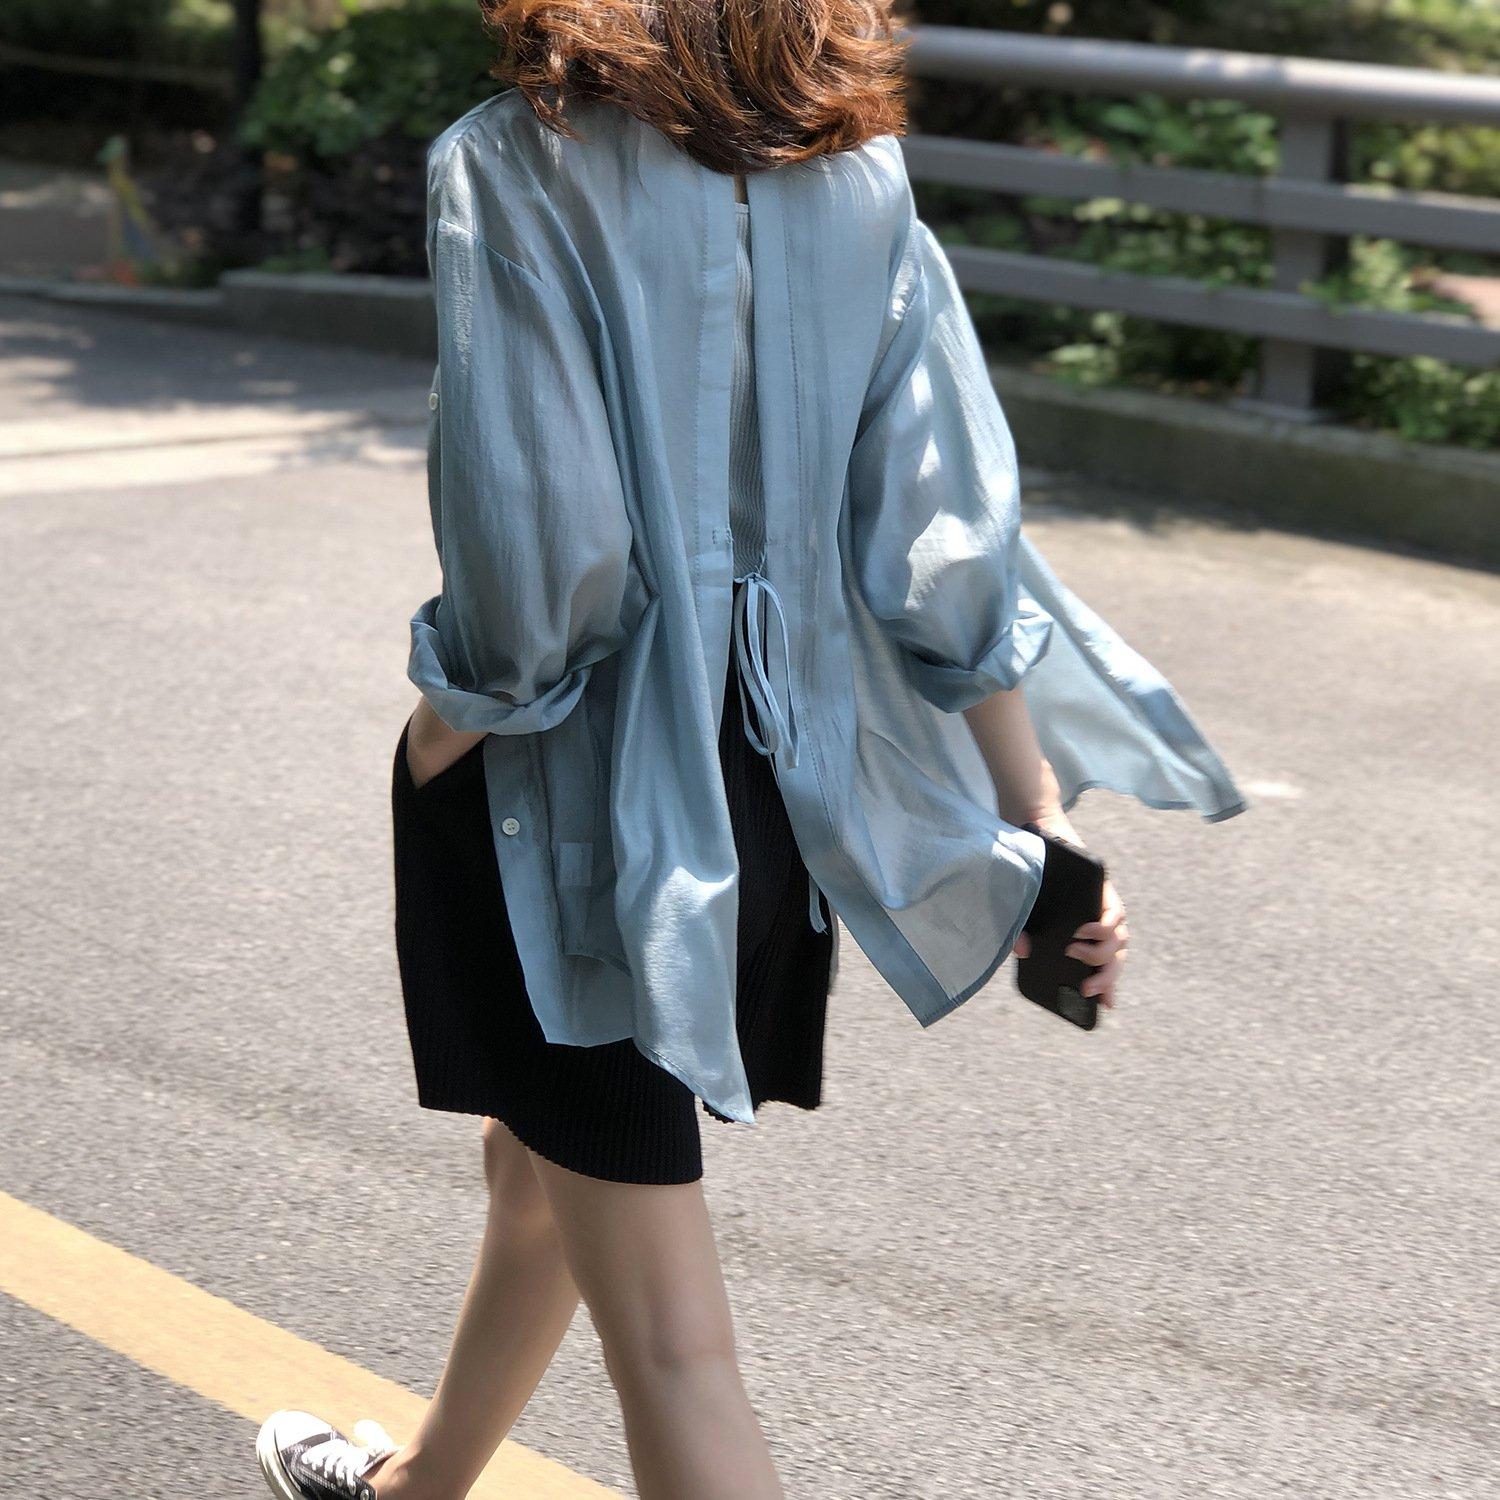 開叉襯衫 DANDT 浪漫天絲心機開叉夏日防曬襯衫(21 APR)同風格請在賣場搜尋 SHA 或 歐美服飾